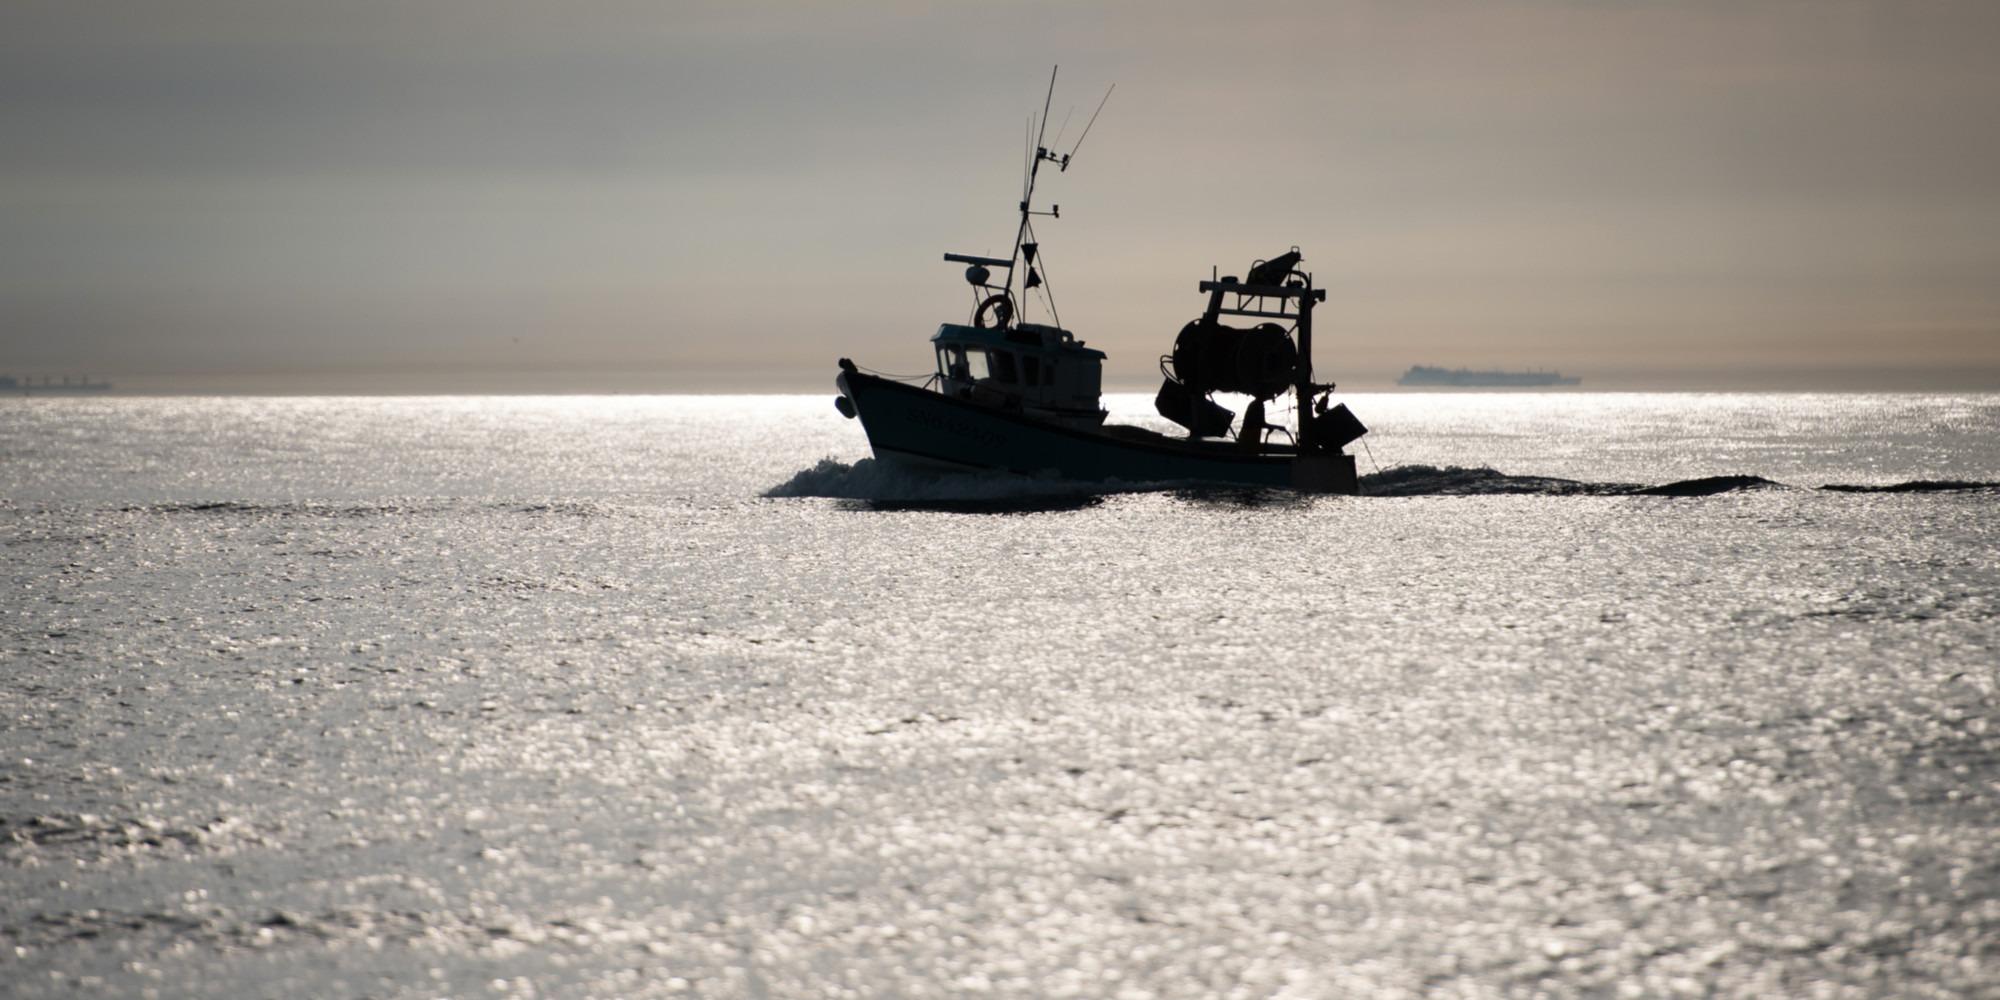 Trois marins-pêcheurs disparus en mer au large du Calvados